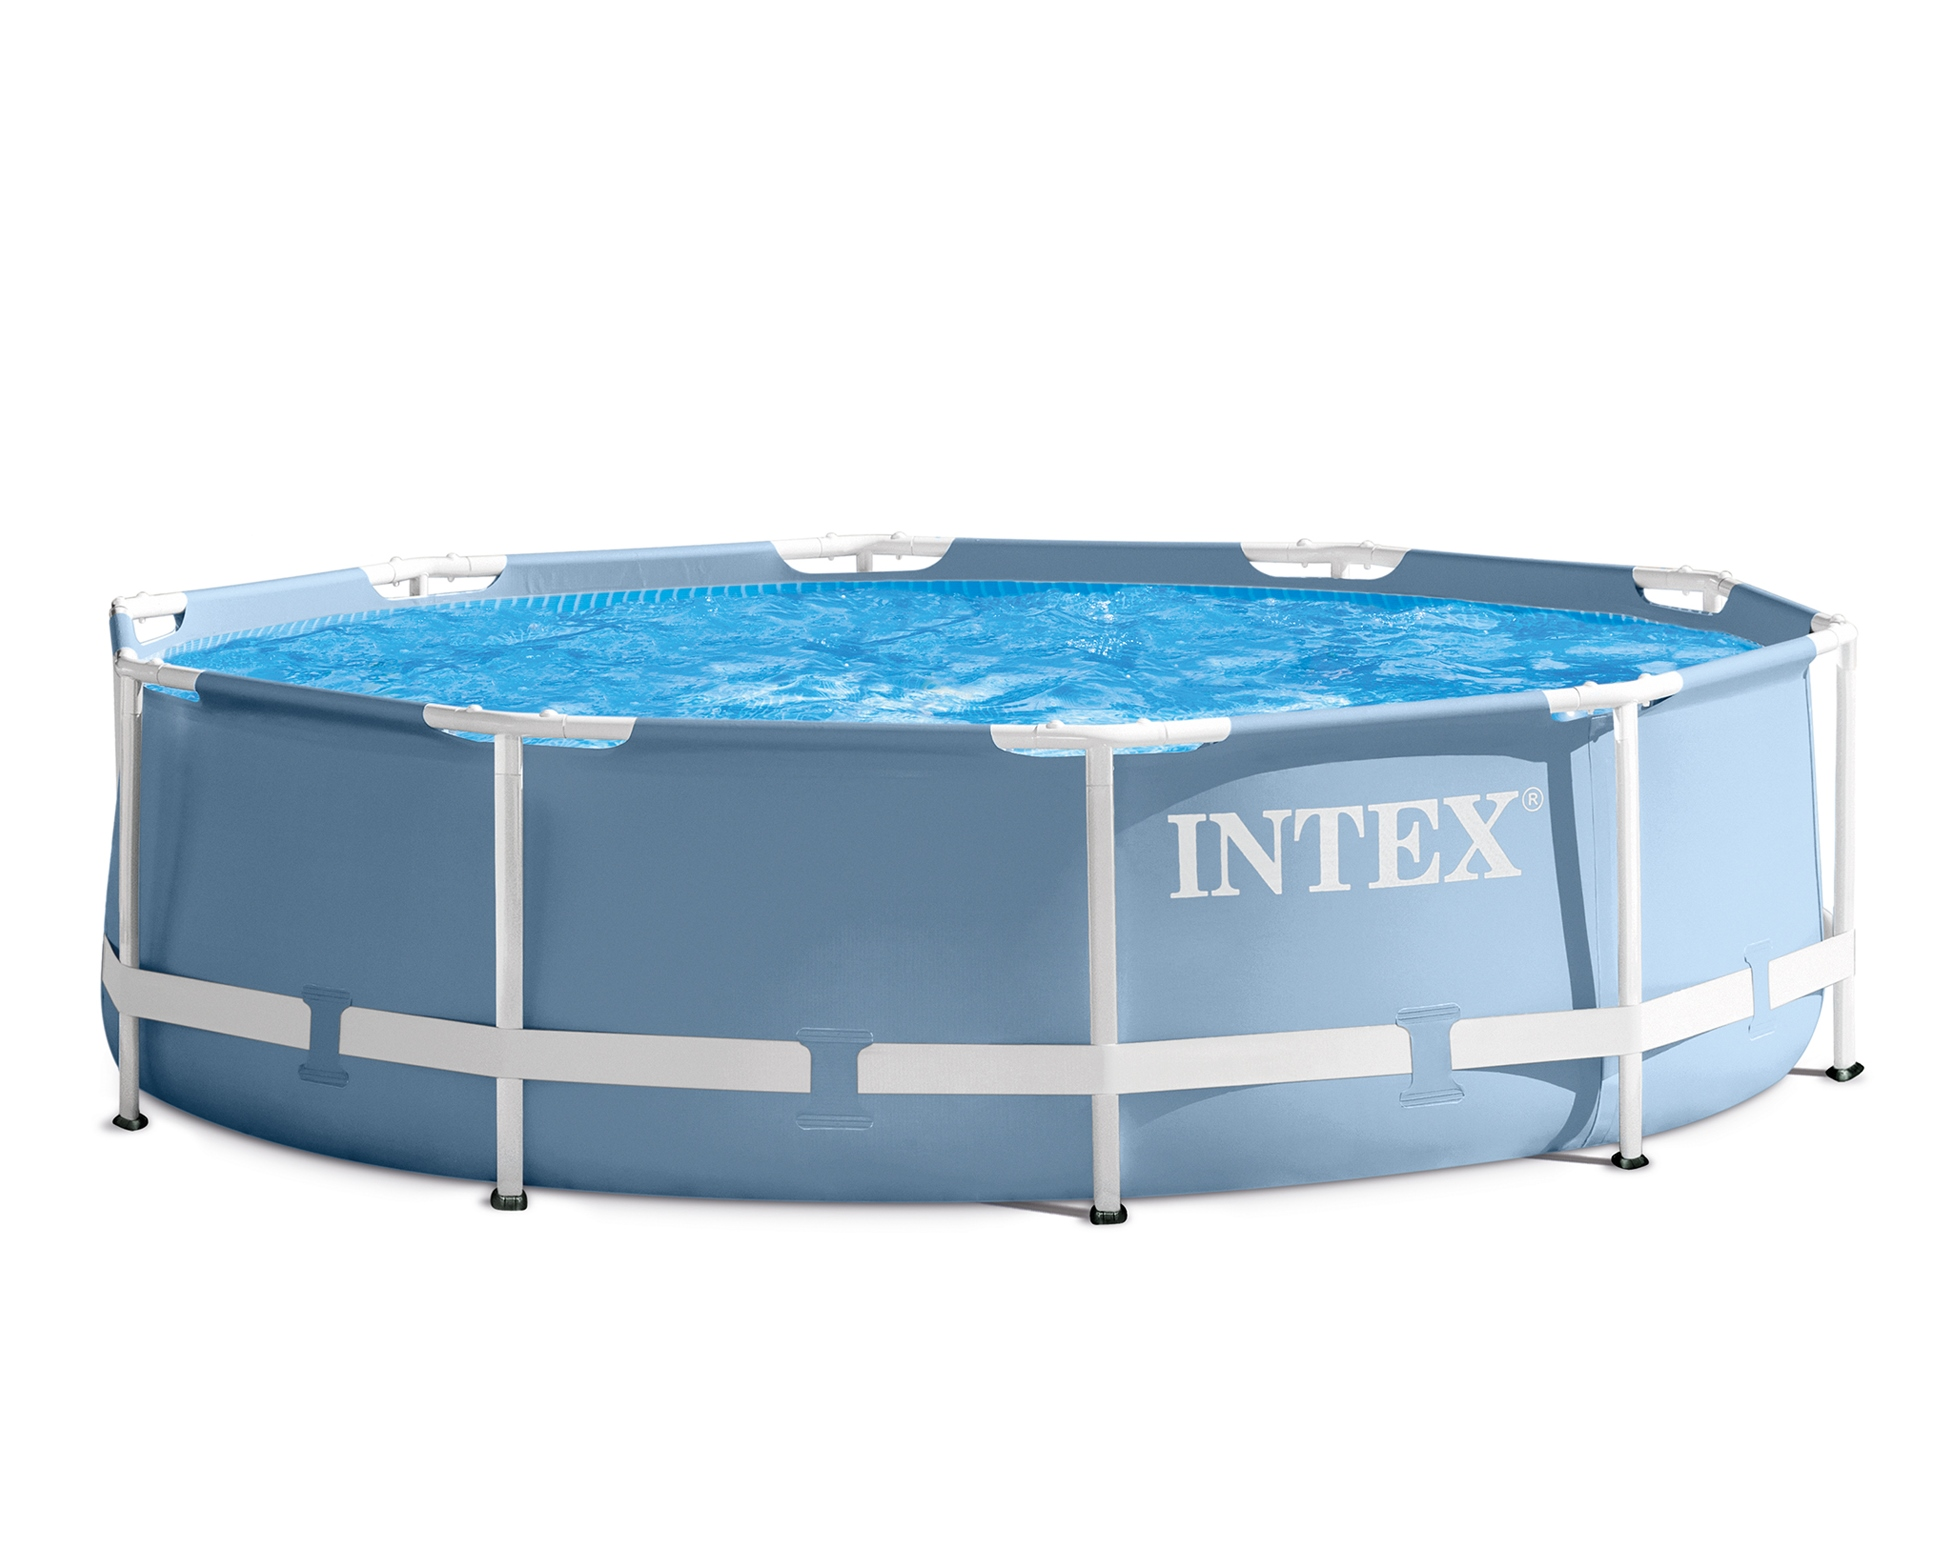 Intex Бассейн каркасный - Prism Frame, с фильтр-насосом 1250 л/ч